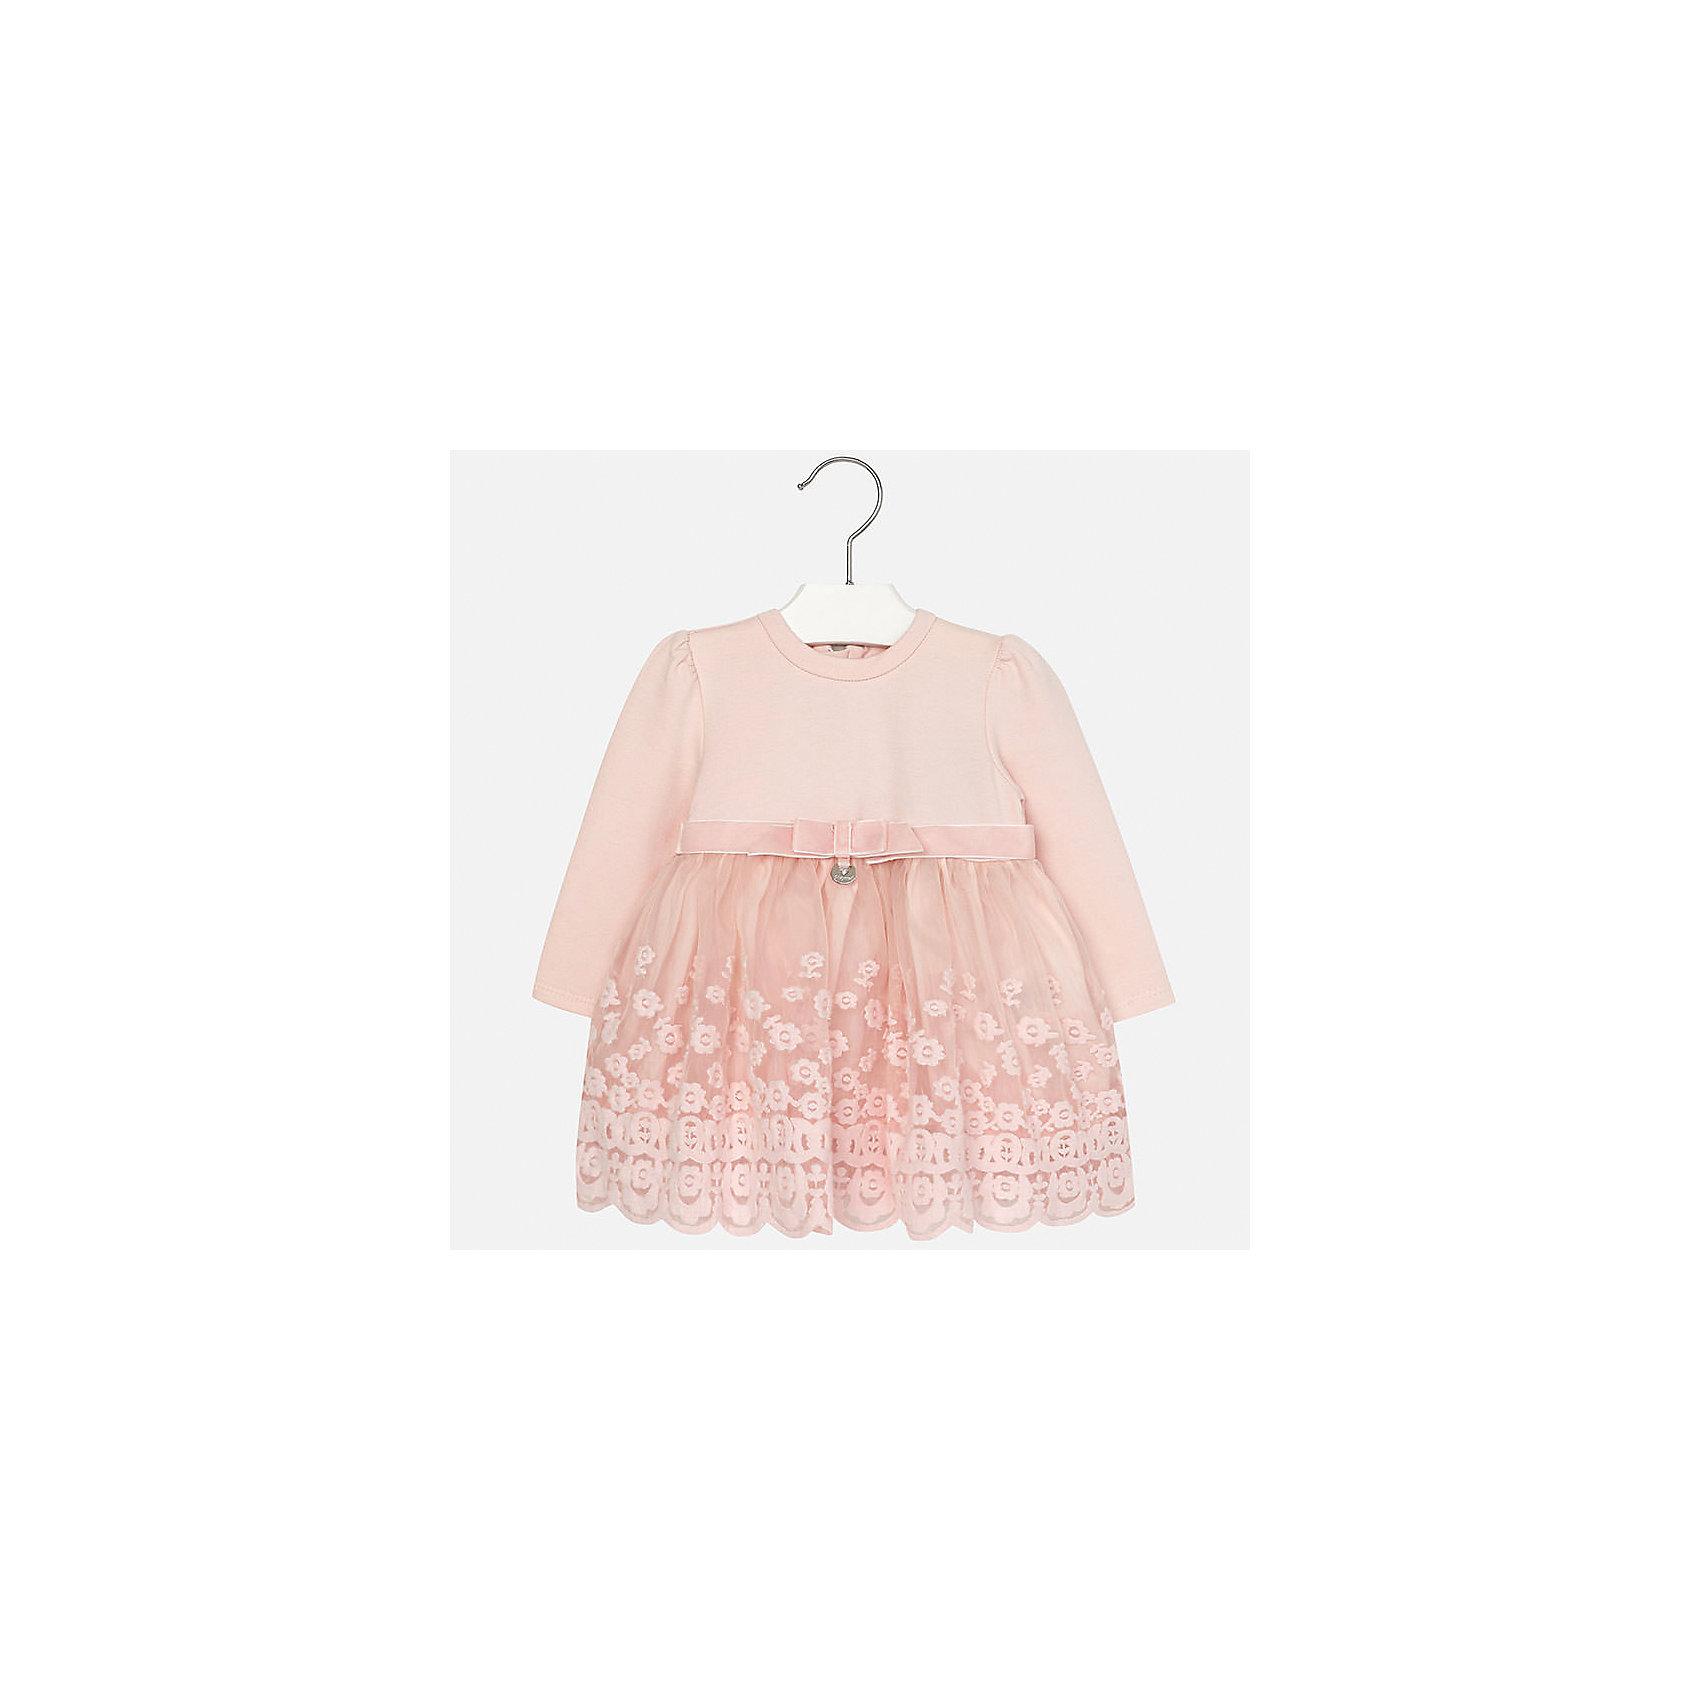 Mayoral Платье для девочки Mayoral виброплатформы для похудения в алматы в интернет магазине